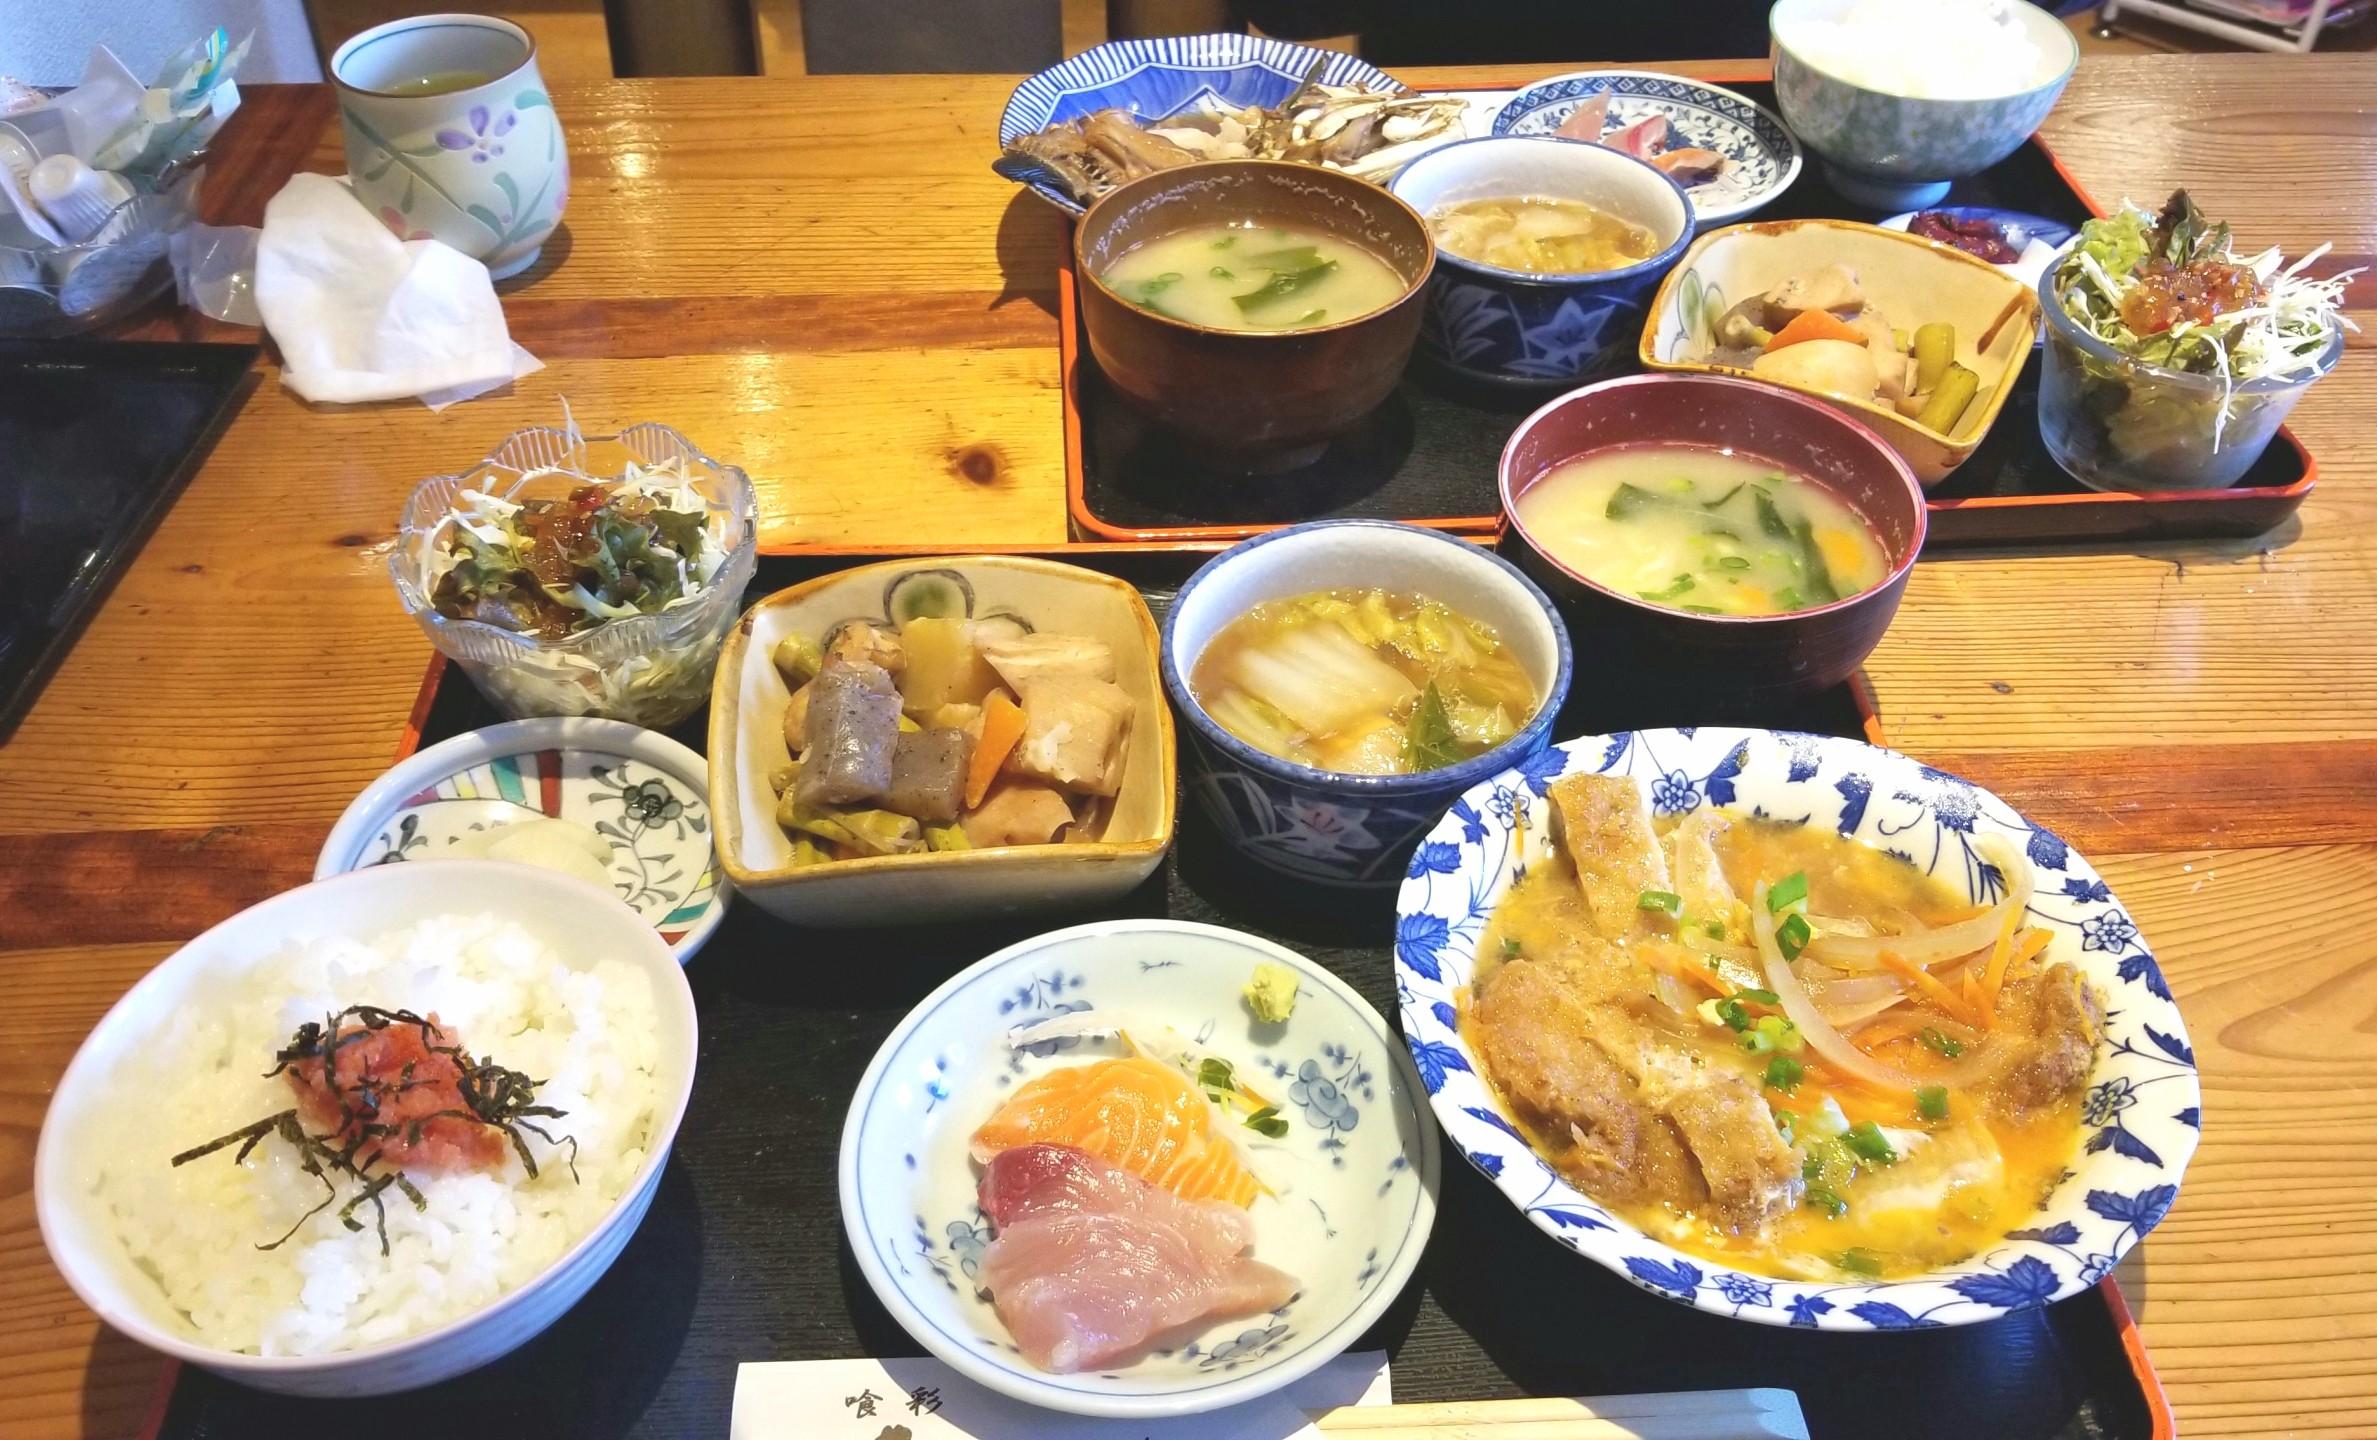 お昼ご飯,ランチ,お得,美味しい,松山市,DAIKIの裏,カツとじ